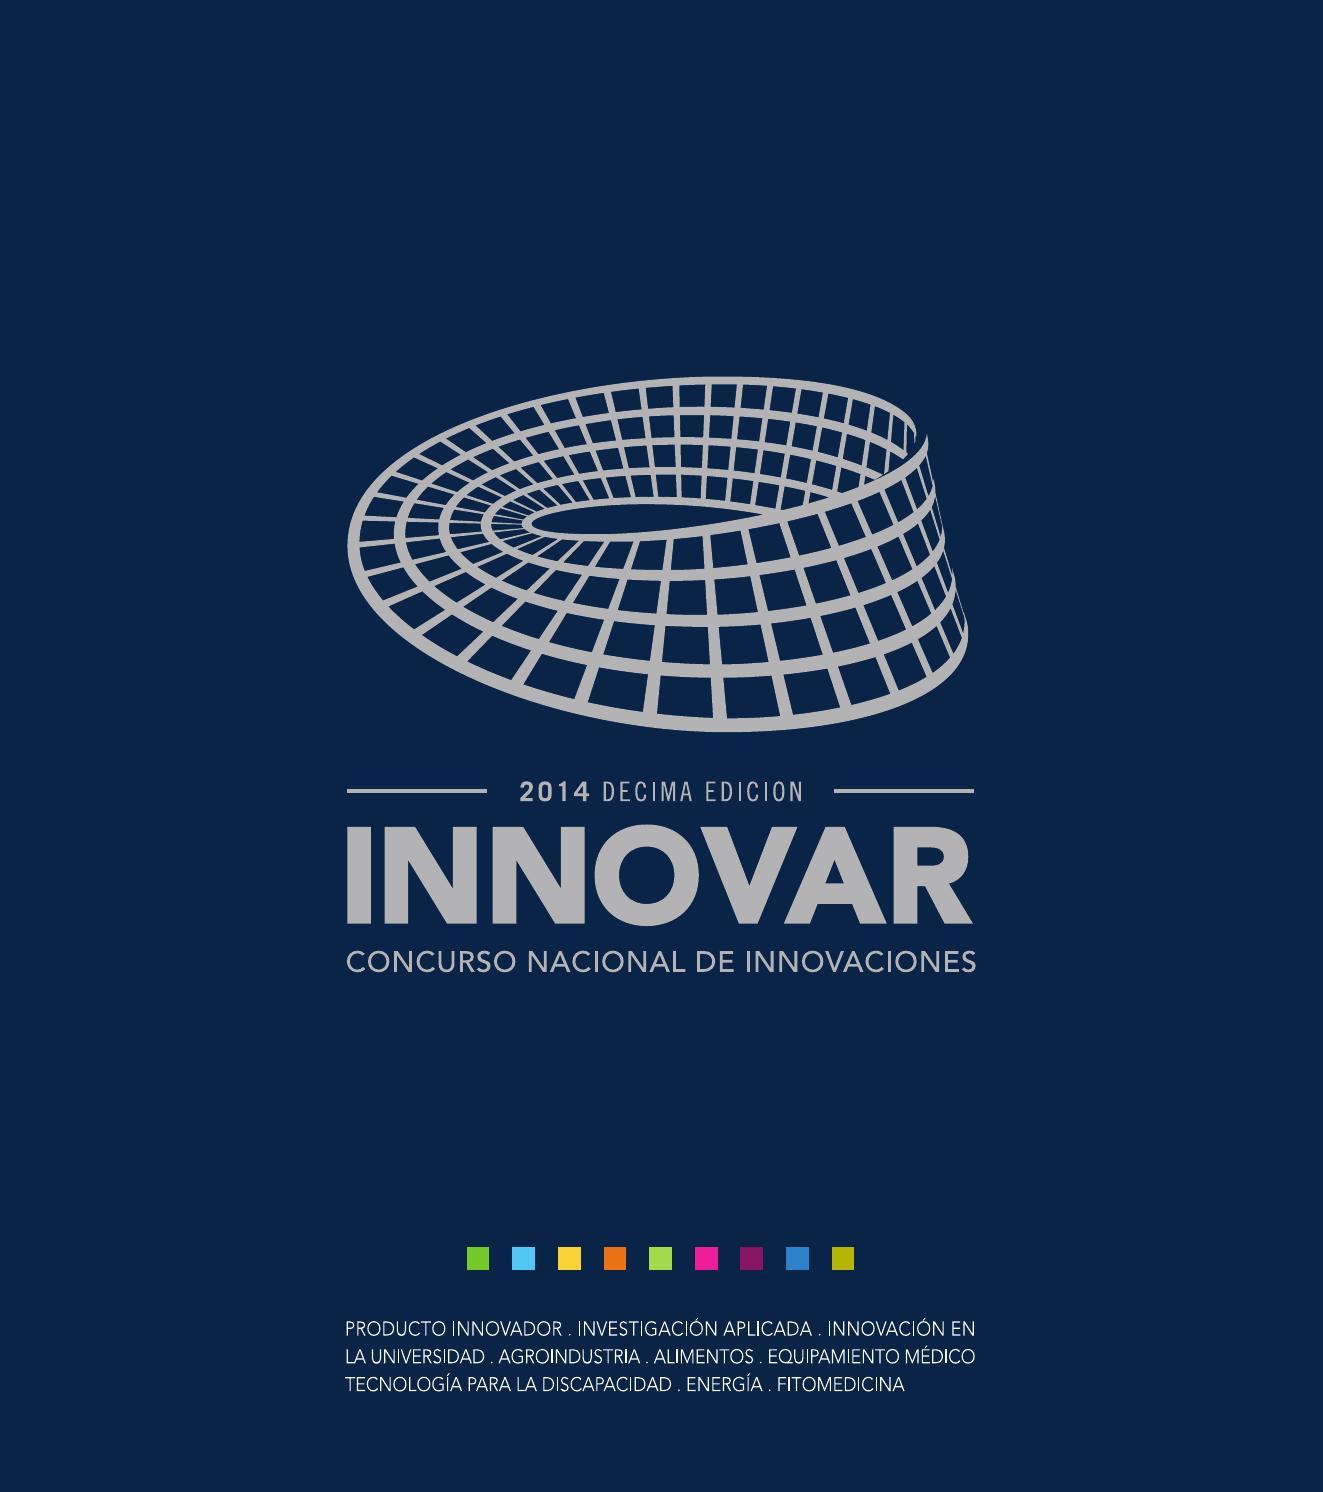 Catálogo INNOVAR 2014 by Concurso INNOVAR - issuu